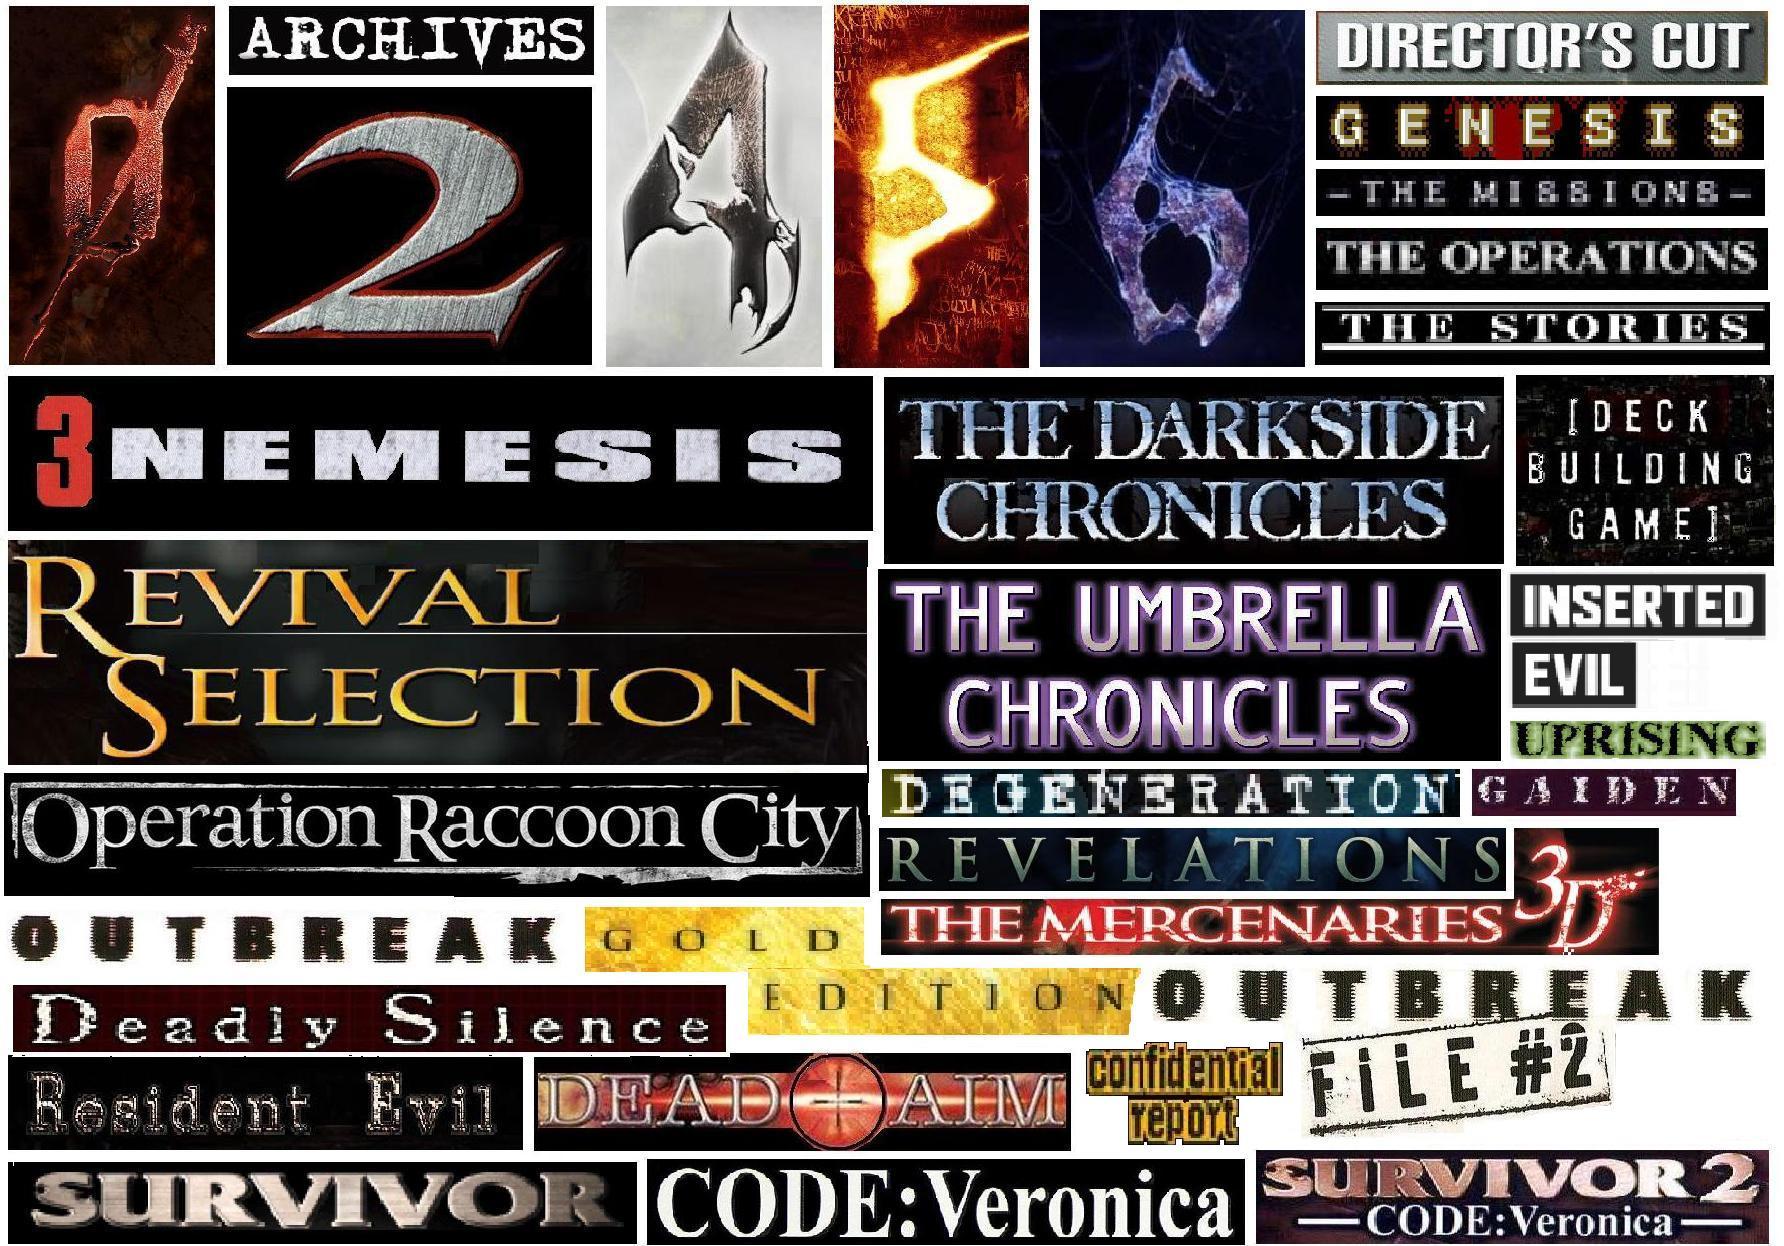 Archivo:Resident evil.jpg